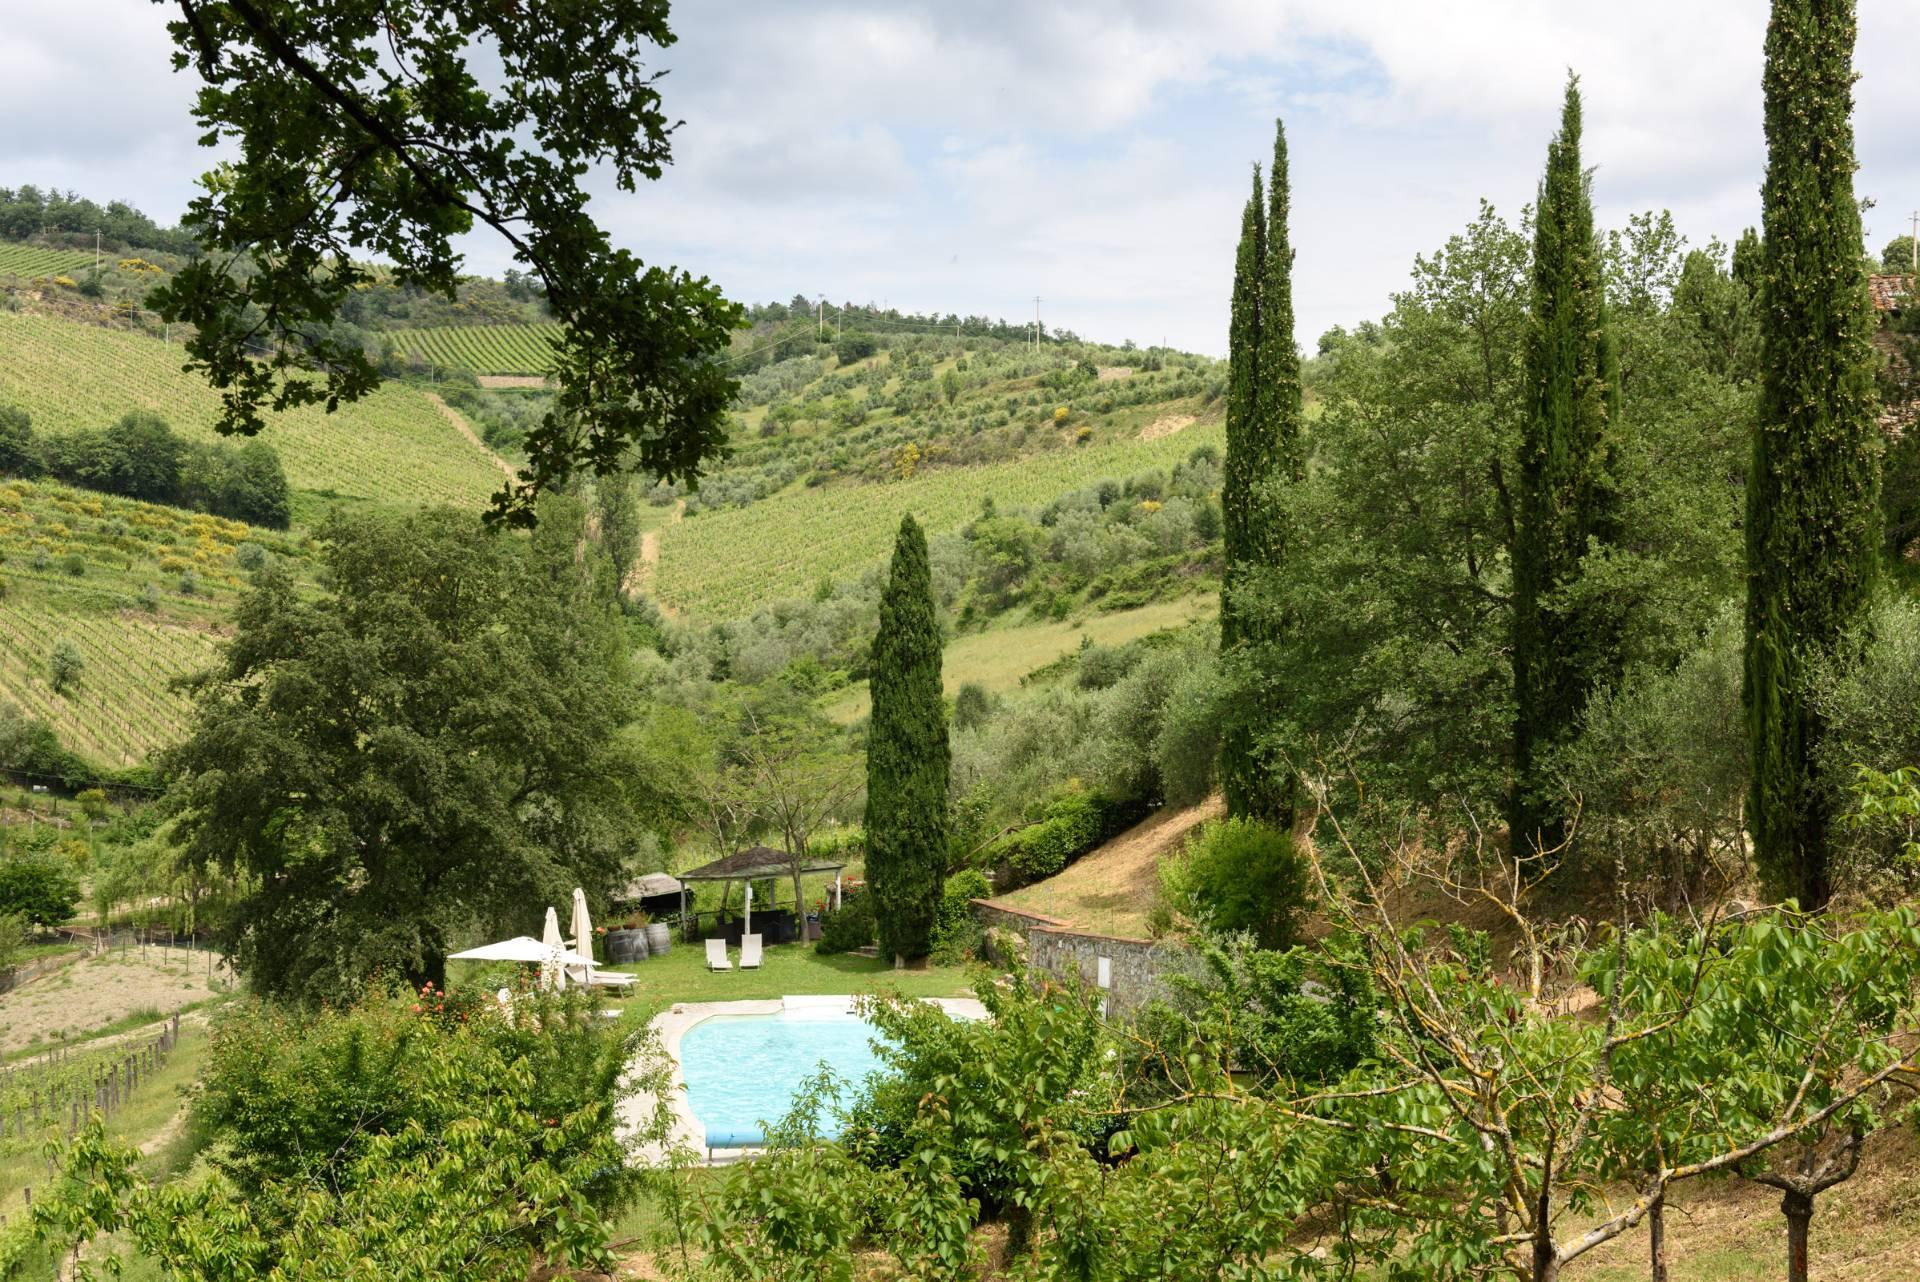 Rustico in Vendita a Gaiole In Chianti: 5 locali, 2170 mq - Foto 13